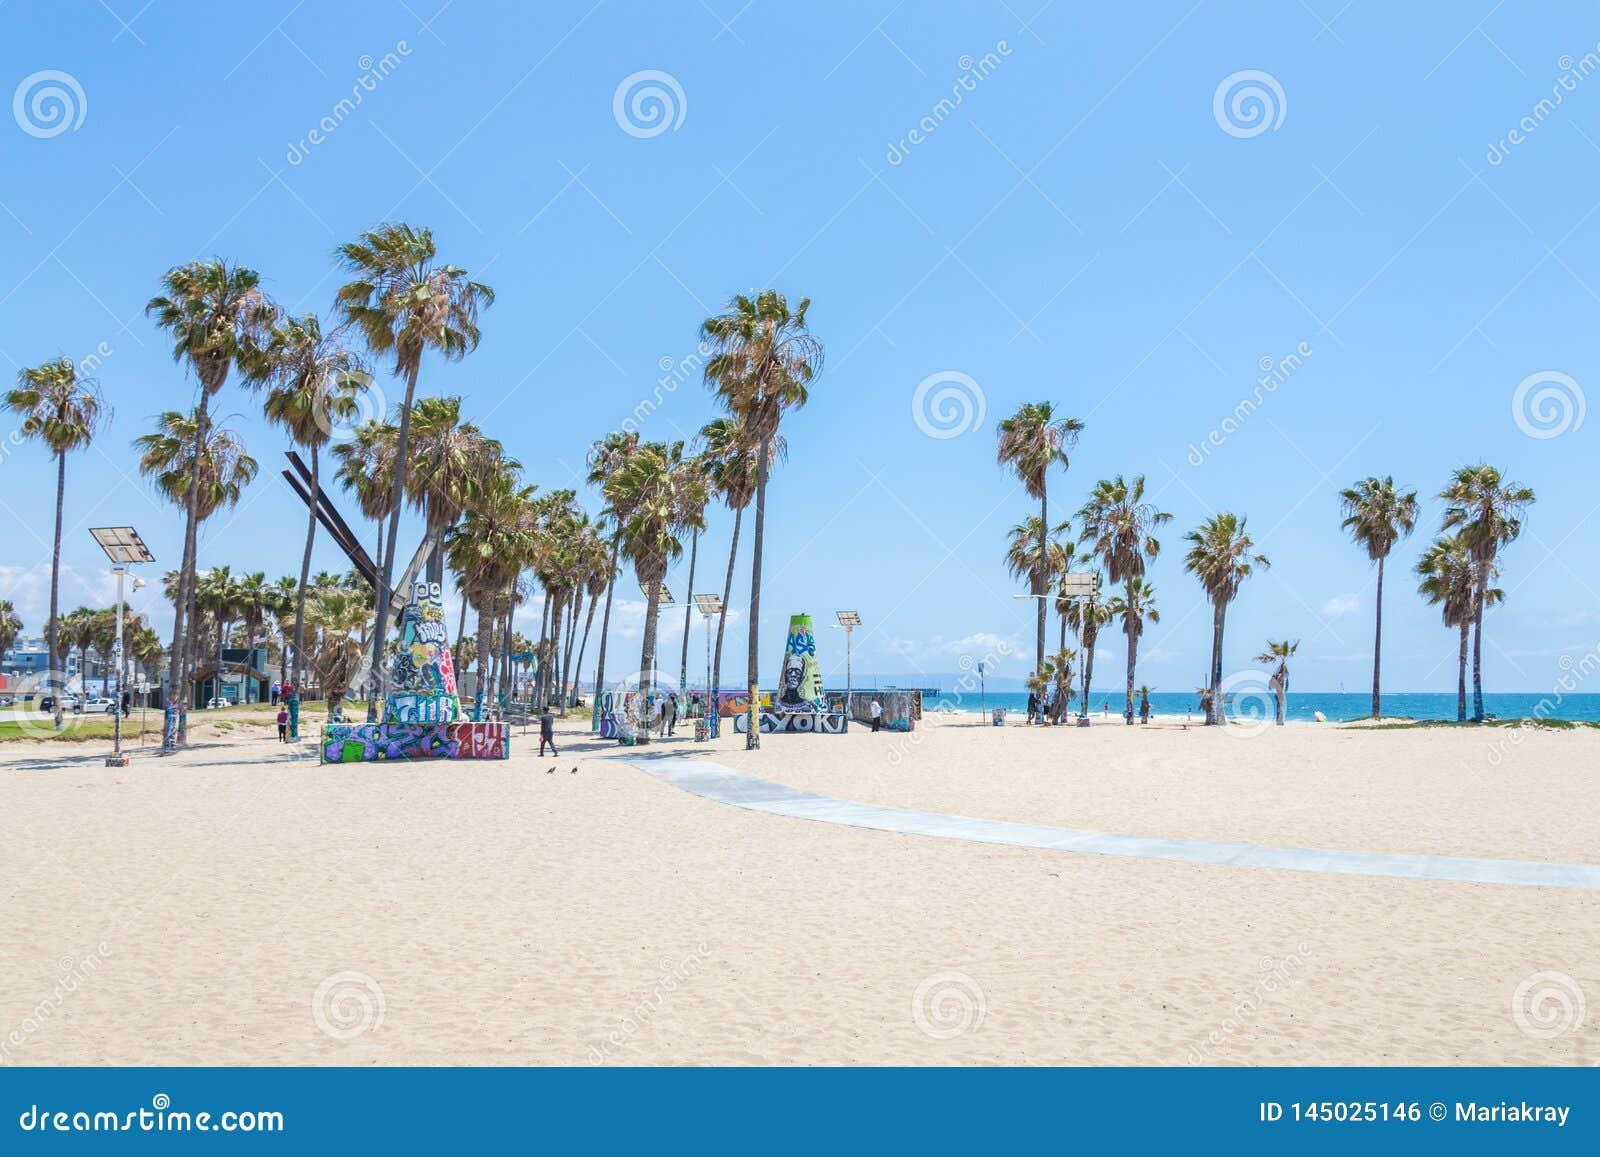 VENECIA, ESTADOS UNIDOS - 21 DE MAYO DE 2015: Oc?ano Front Walk en Venice Beach, California Venice Beach es uno de la mayor?a de